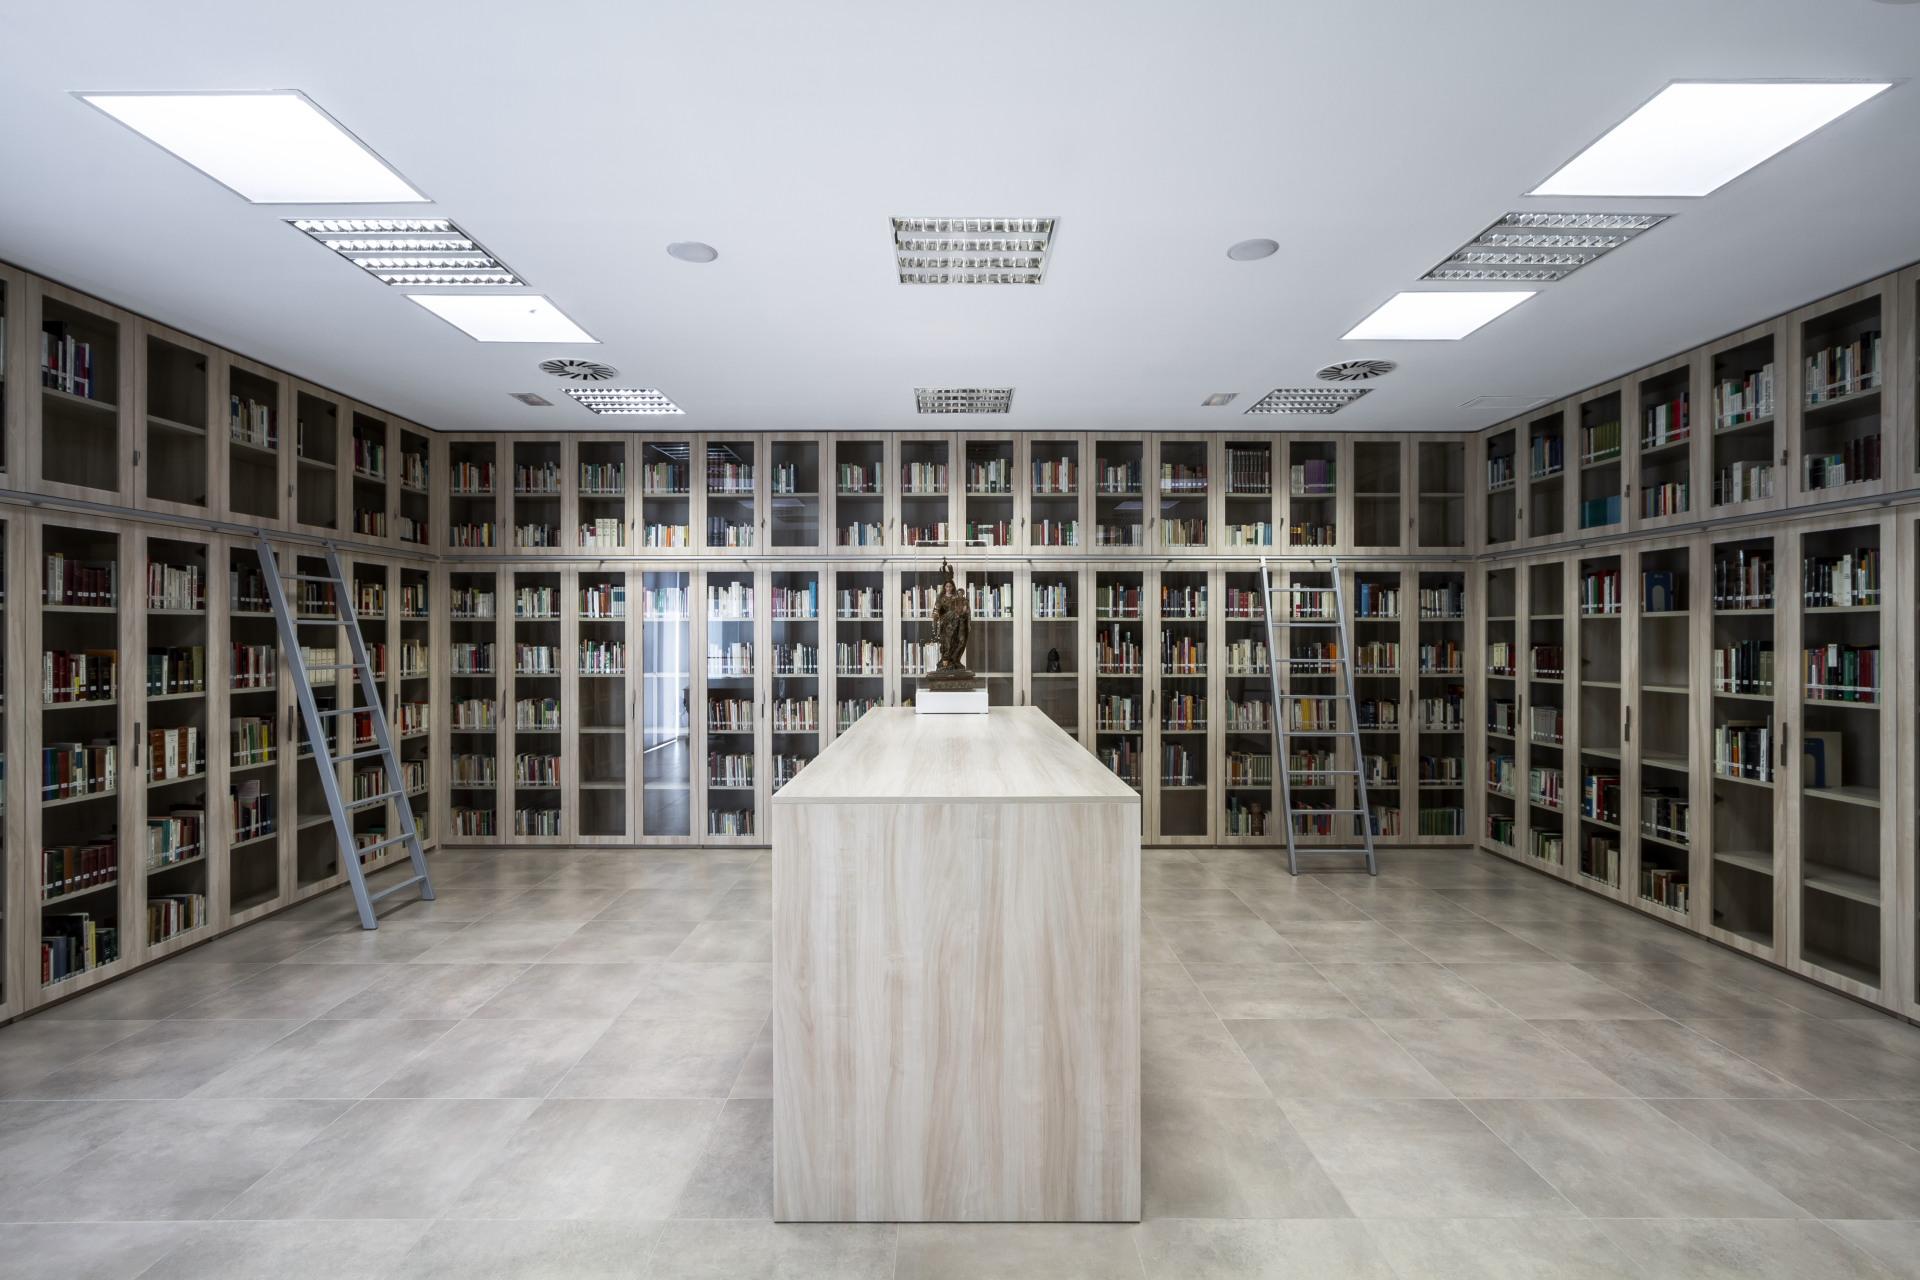 fotografia-arquitectura-valencia-german-cabo-hernandez-monasterio (33)